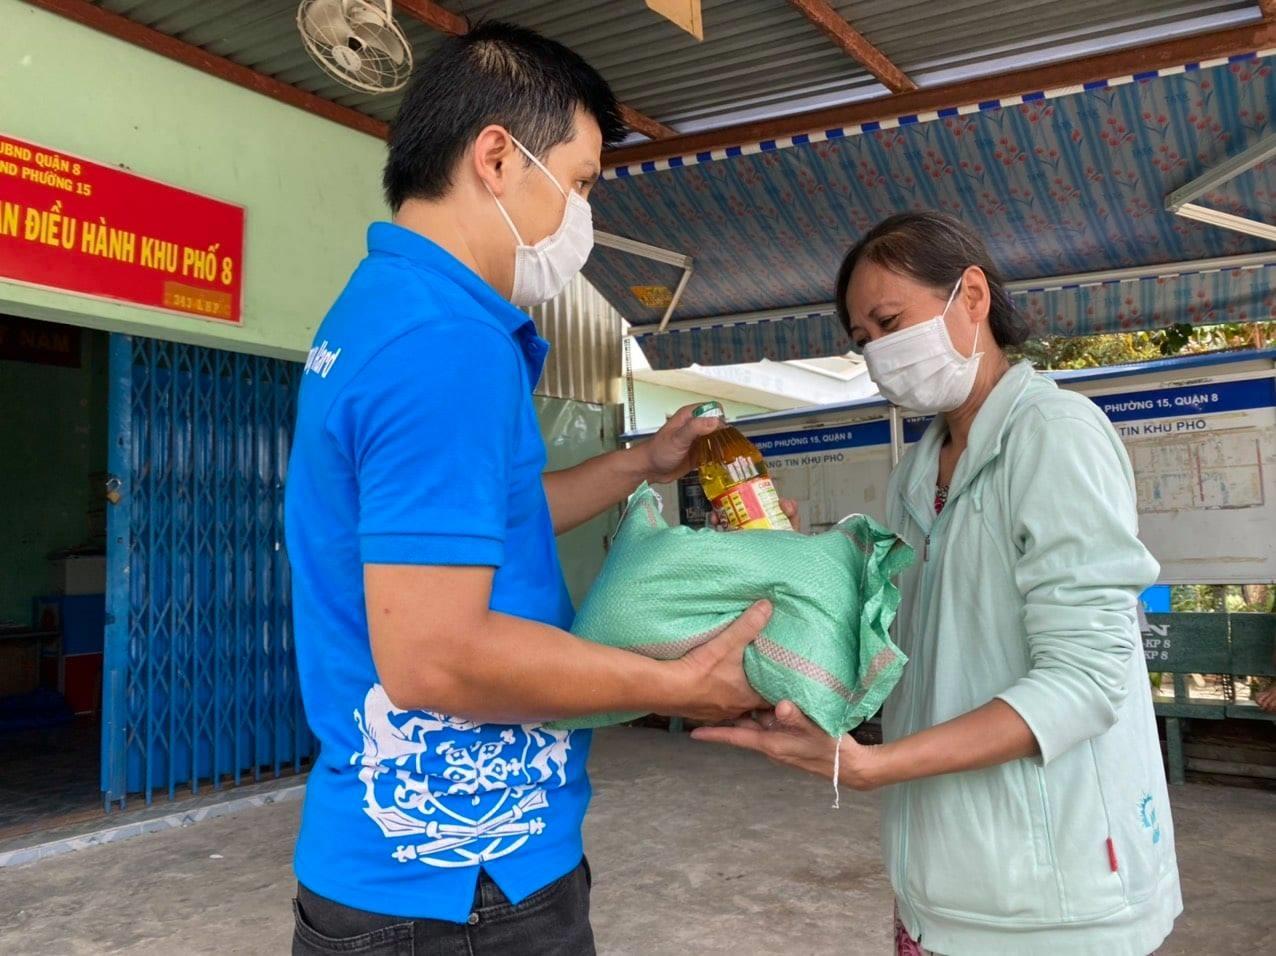 Anh Tiêu Minh Hải và nhóm từ thiện đang tặng gạo và thực phẩm cho bà con khó khăn